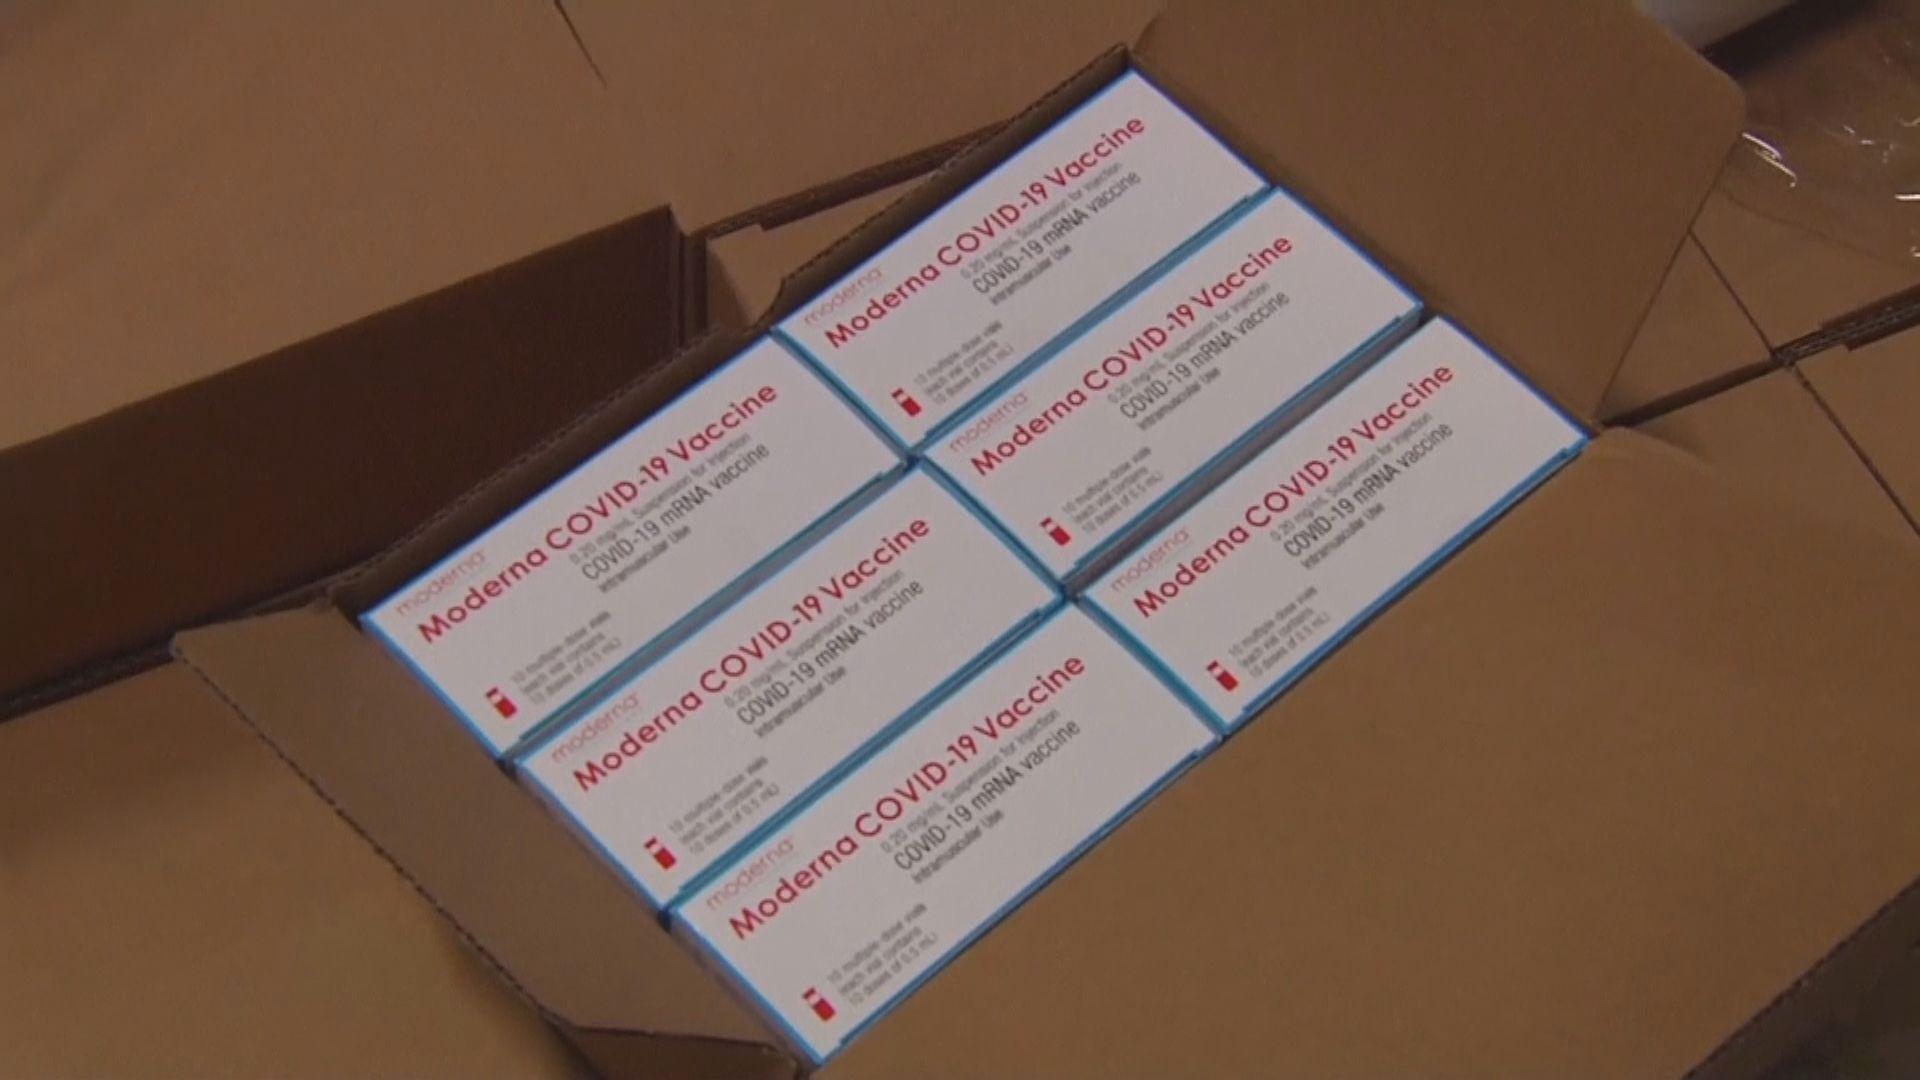 美國藥廠莫德納將向台灣供應500萬劑新冠疫苗